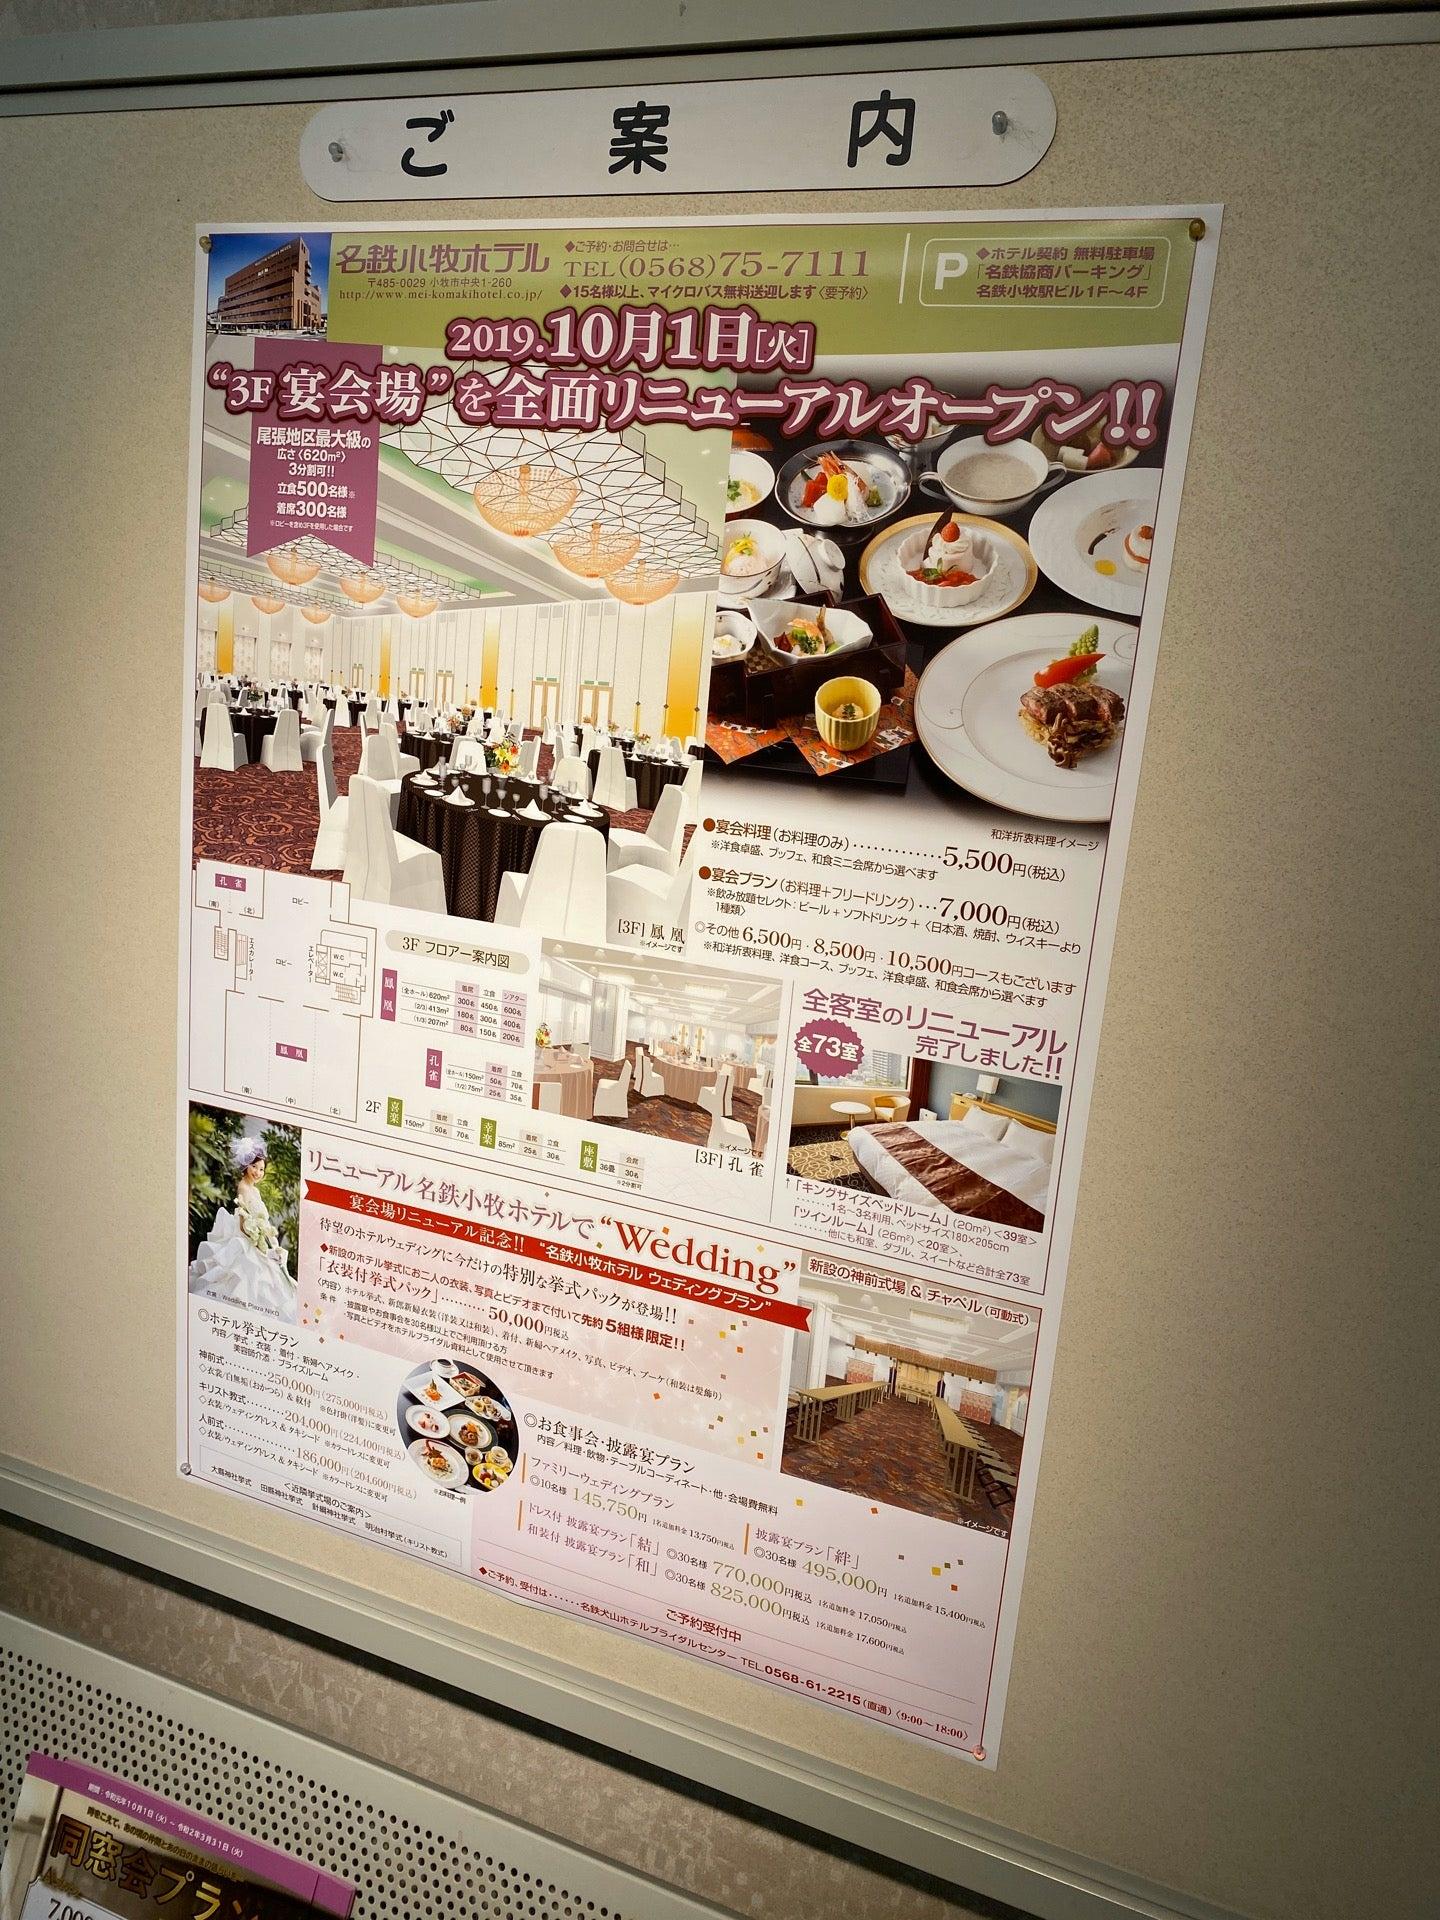 2019年11月に3階の宴会場を全面リニューアルオープン。 (@ 名鉄小牧ホテル in 小牧市, 愛知県) https://t.co/nd4Ip7ezfc https://t.co/nBwGd3i3CO